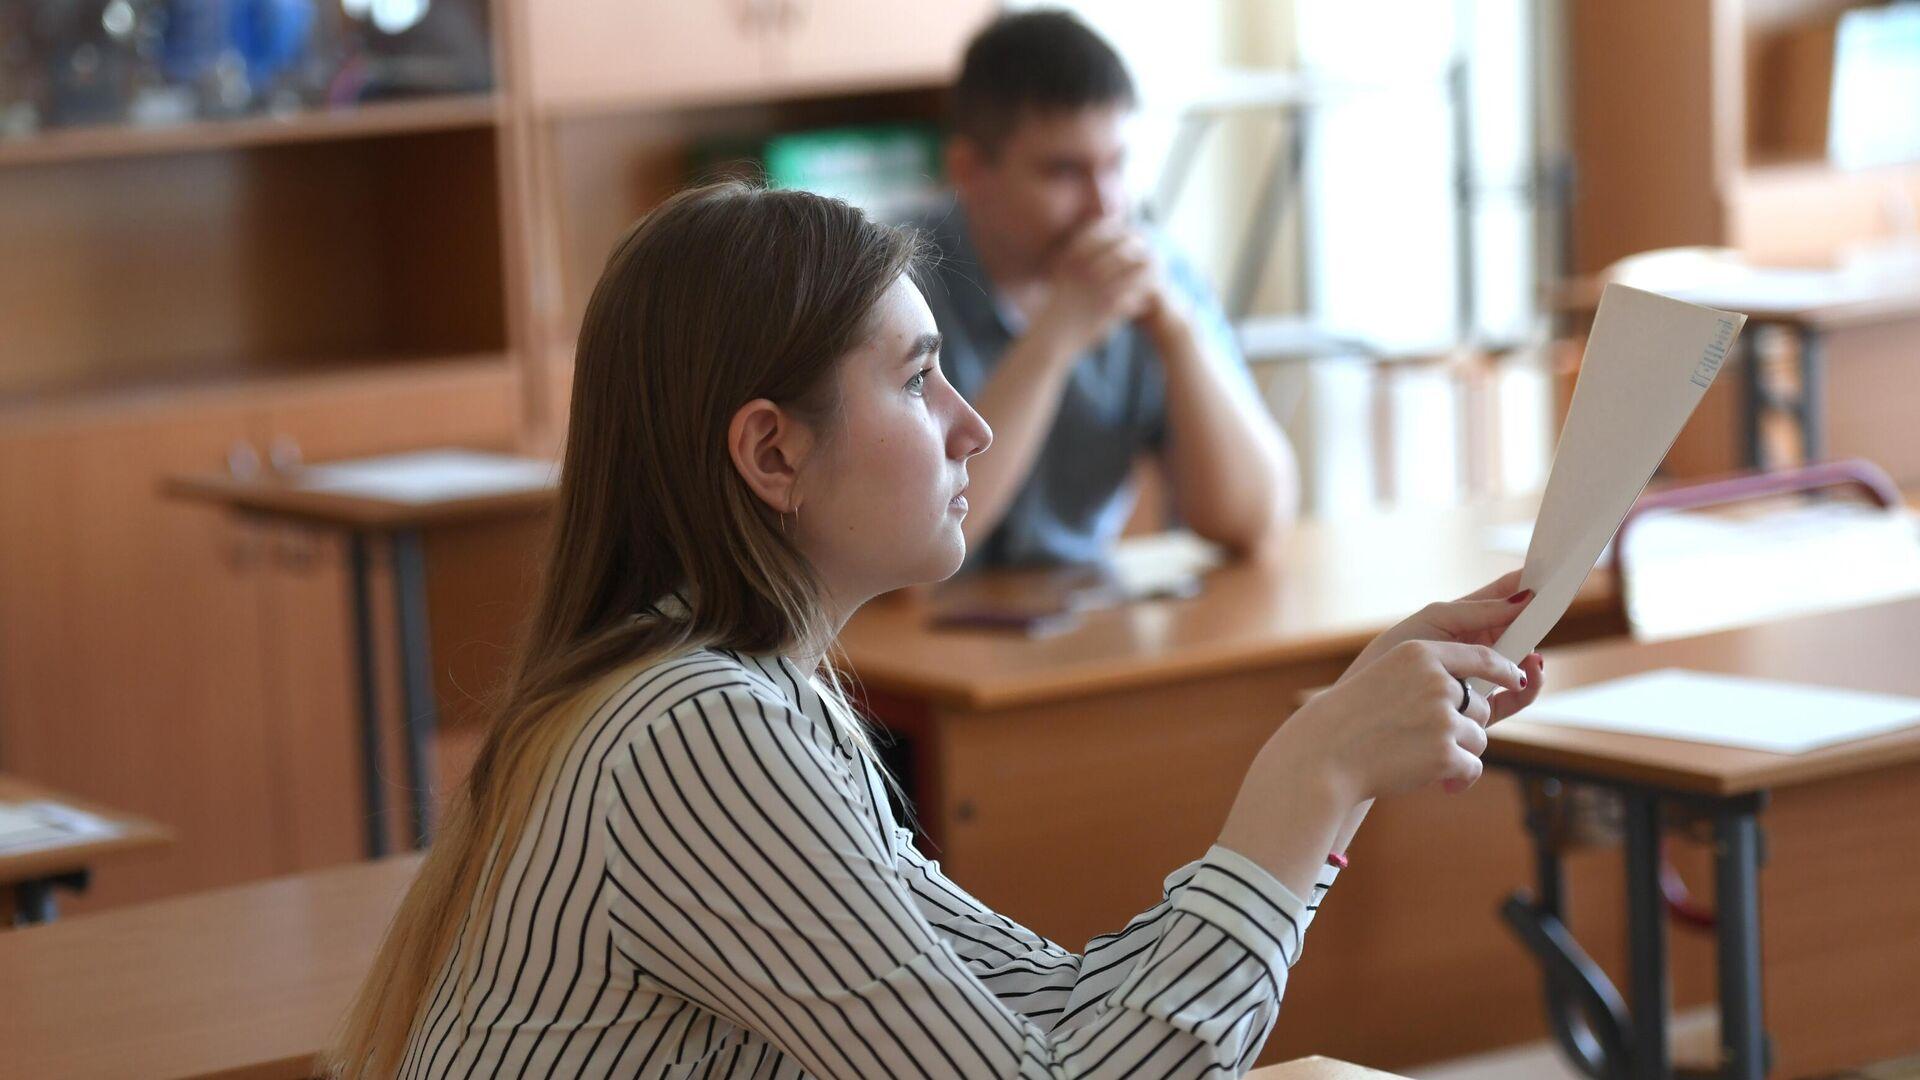 Экзамен в одной из школ Москвы  - РИА Новости, 1920, 21.10.2020